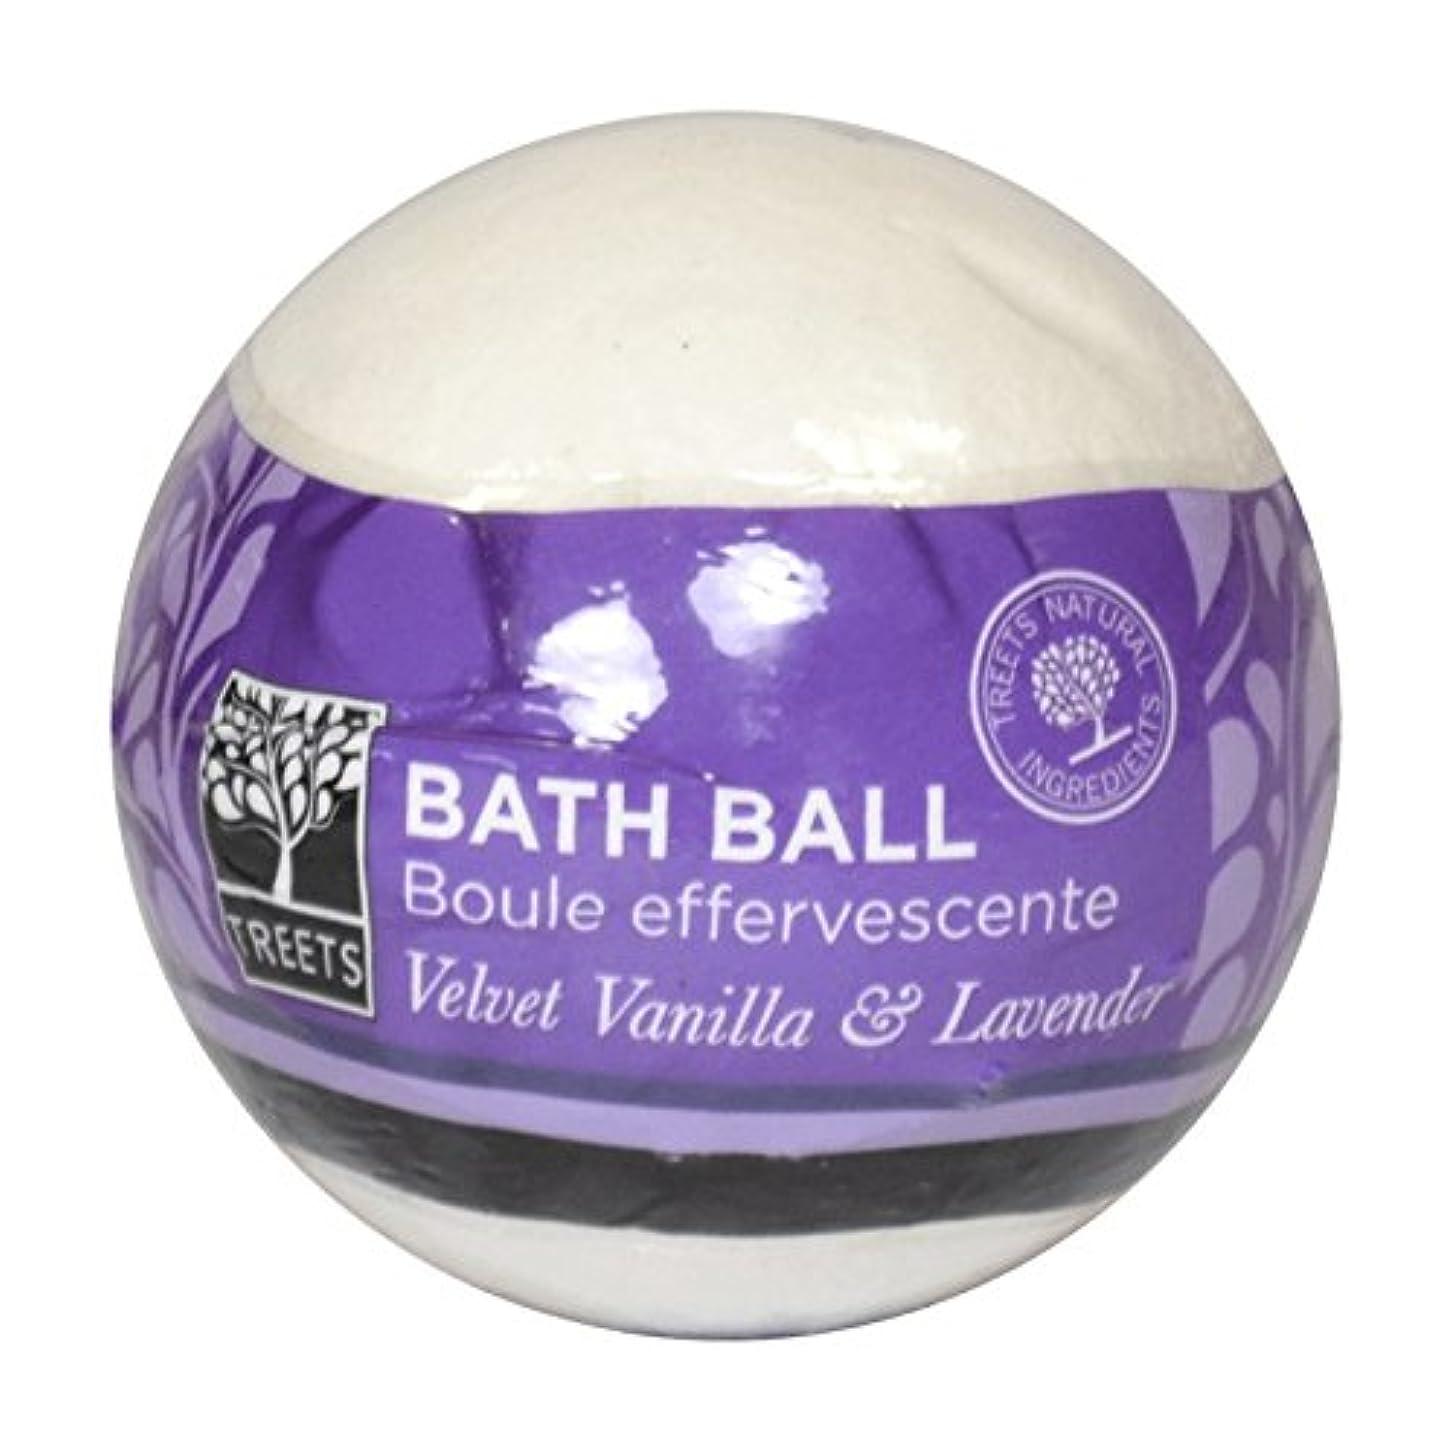 きらめく不毛引っ張るTreetsベルベットのバニラ&ラベンダーバスボール - Treets Velvet Vanilla & Lavender Bath Ball (Treets) [並行輸入品]